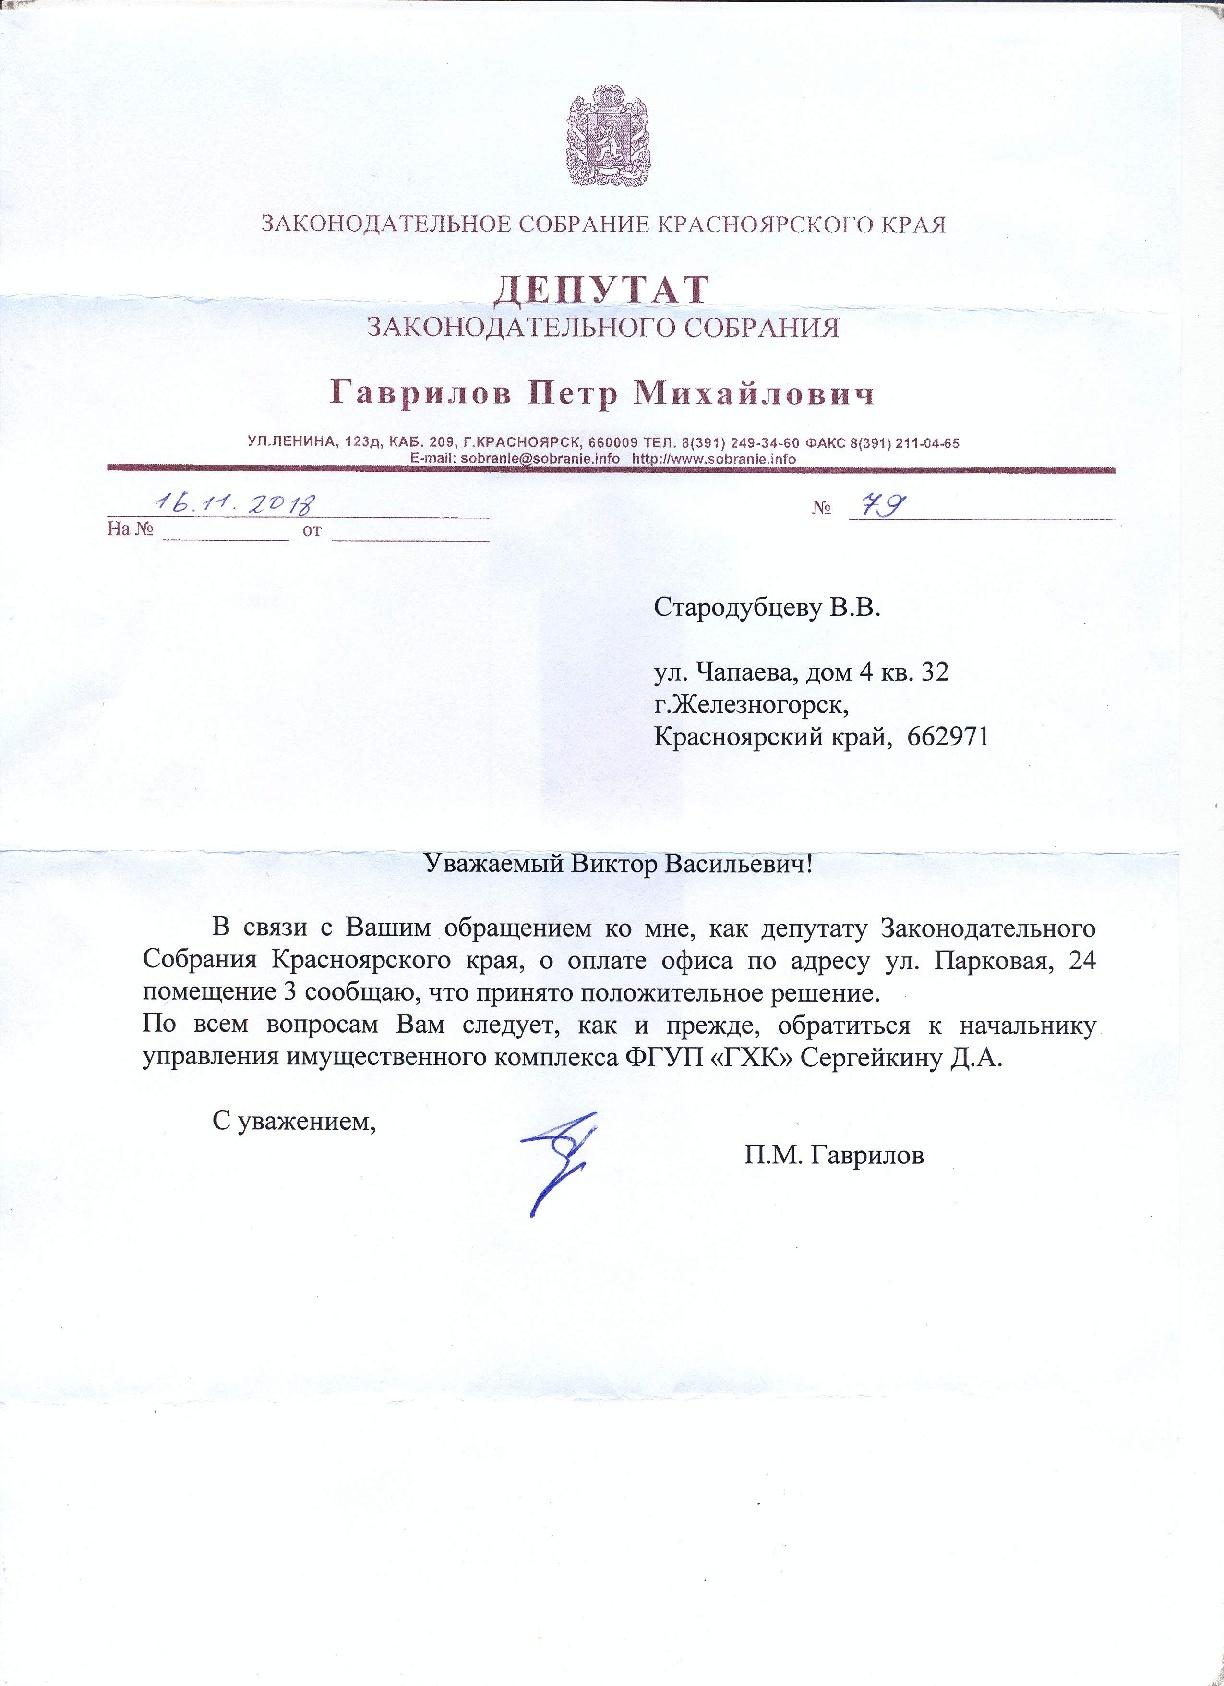 Спасибо  Петр Михайлович!